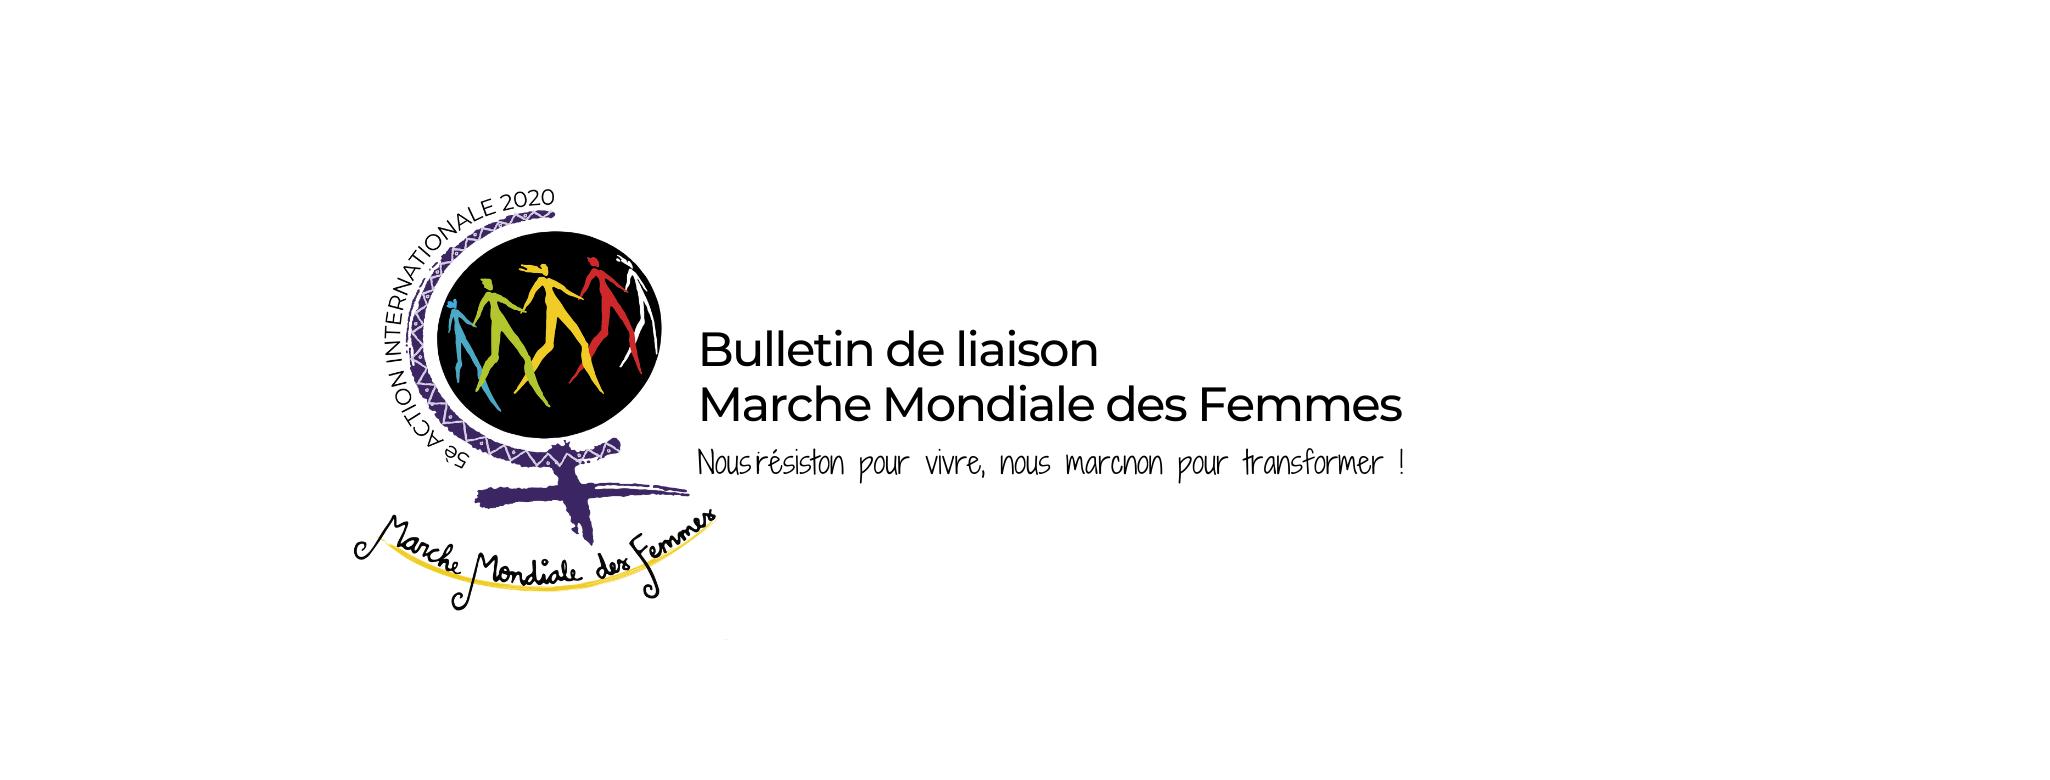 La Marche Mondiale des Femmes clôturé la 5ème Action en connectant toutes les régions du monde